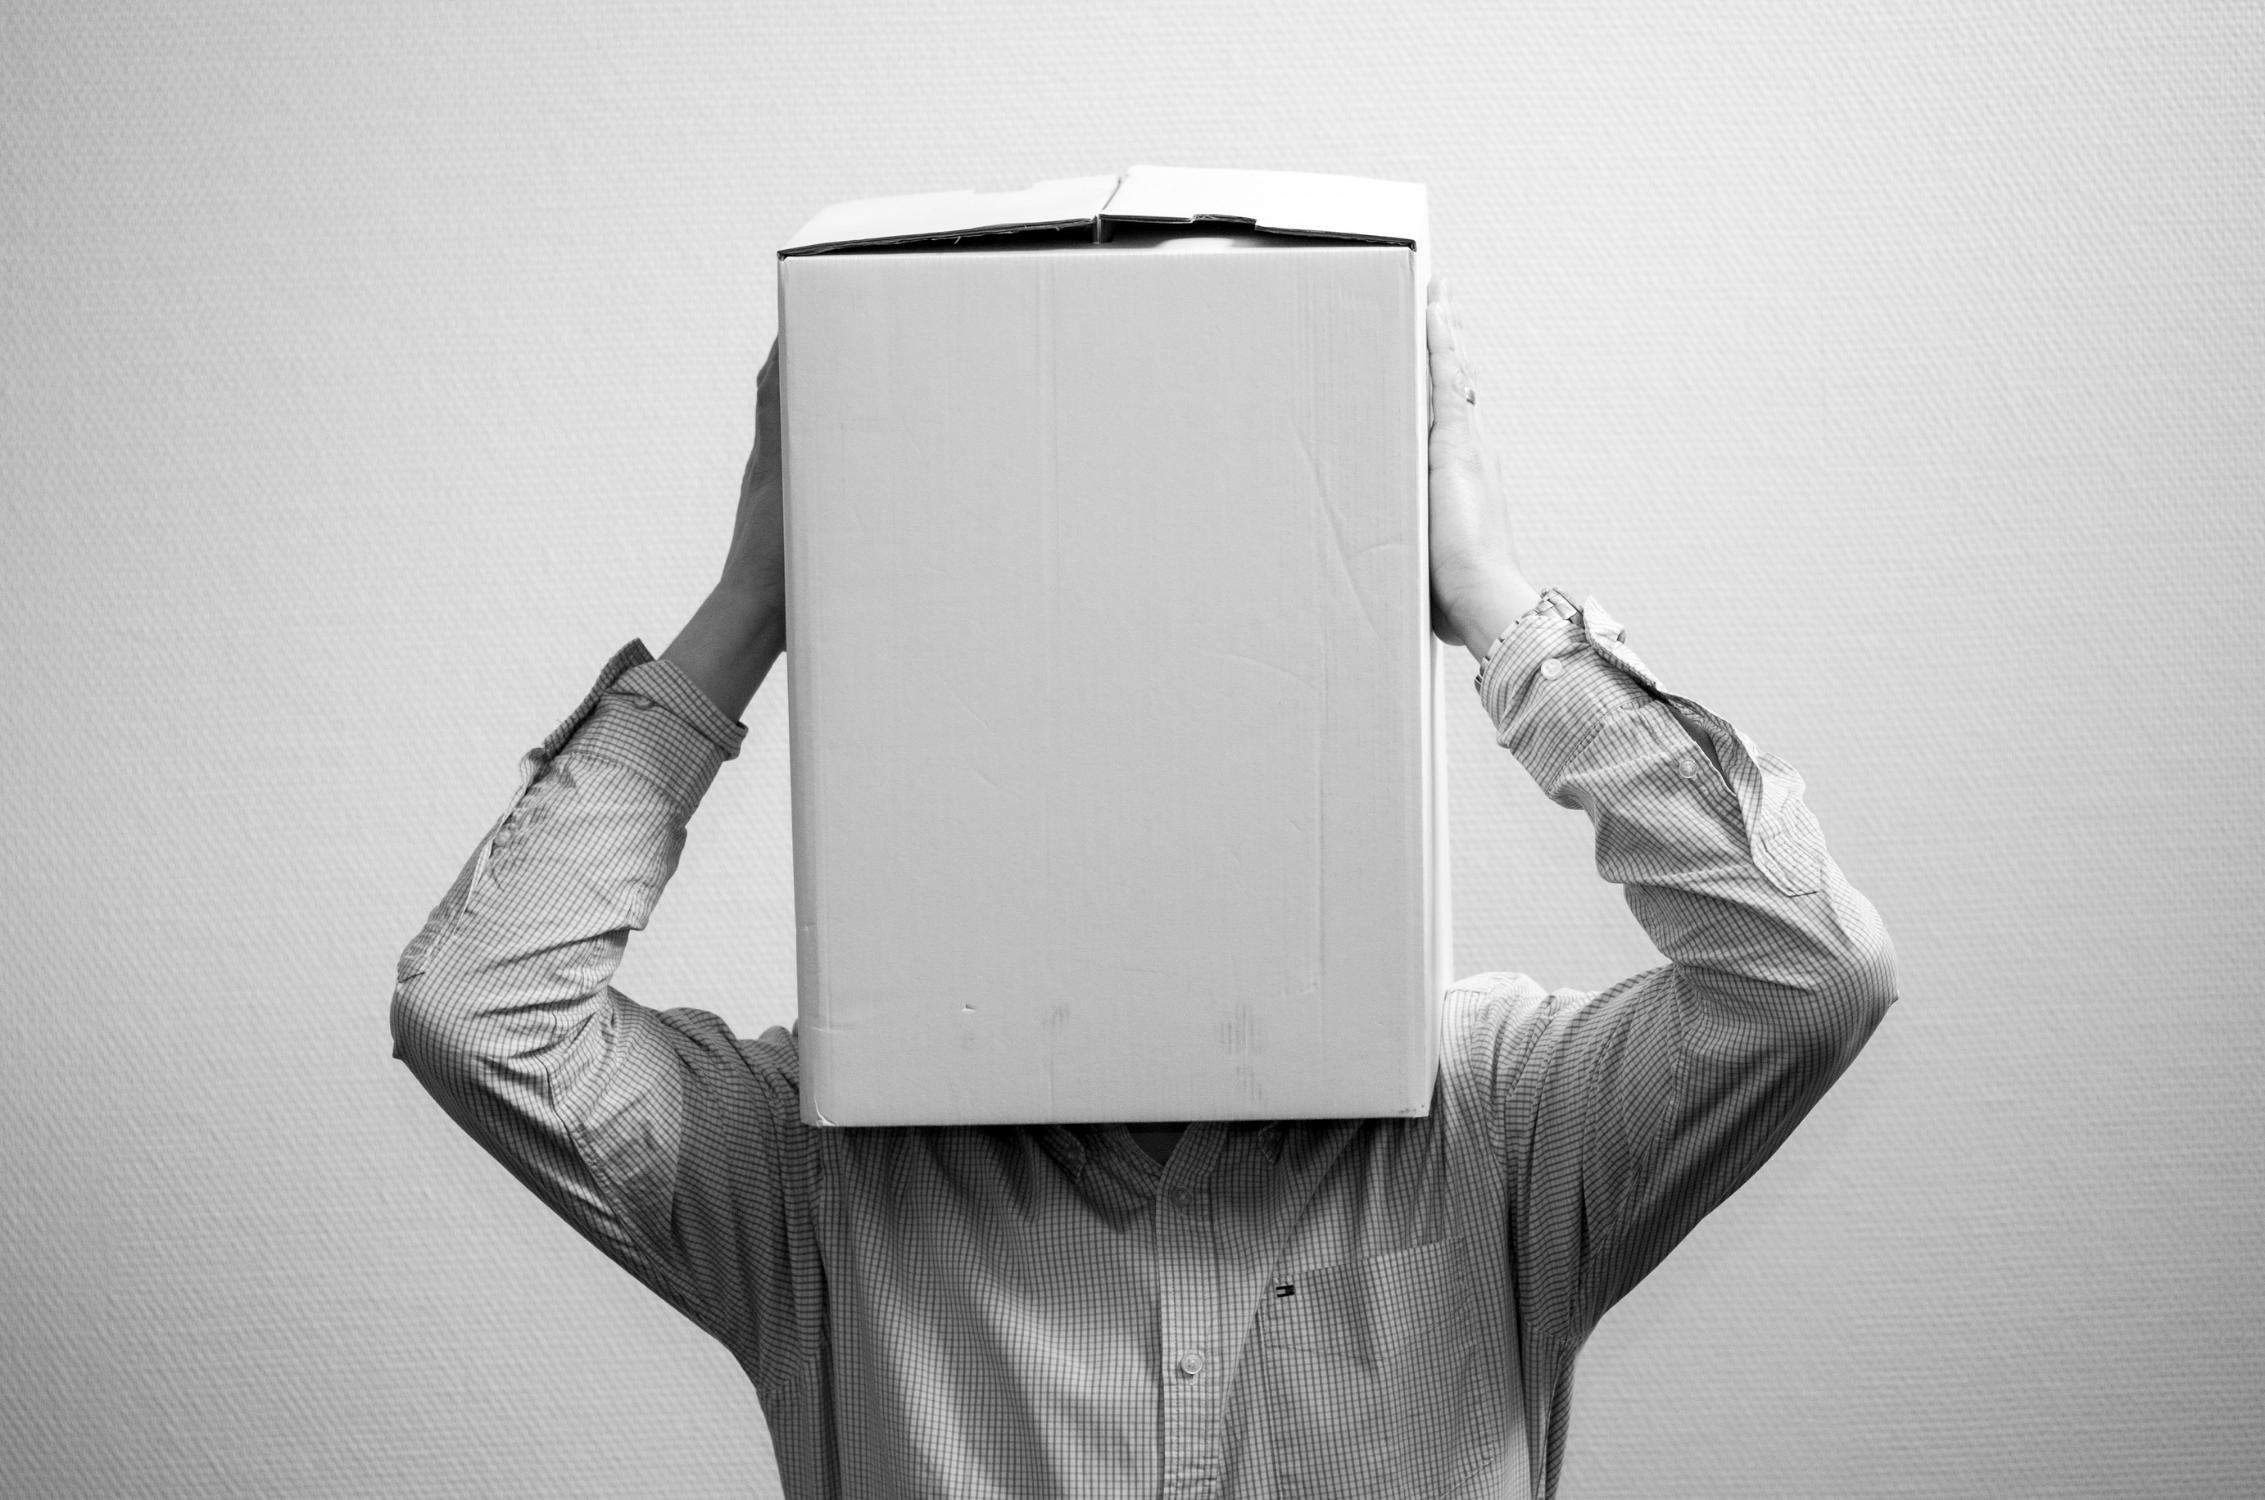 Comment prévenir les risques psychosociaux au travail ? | MerciYanis